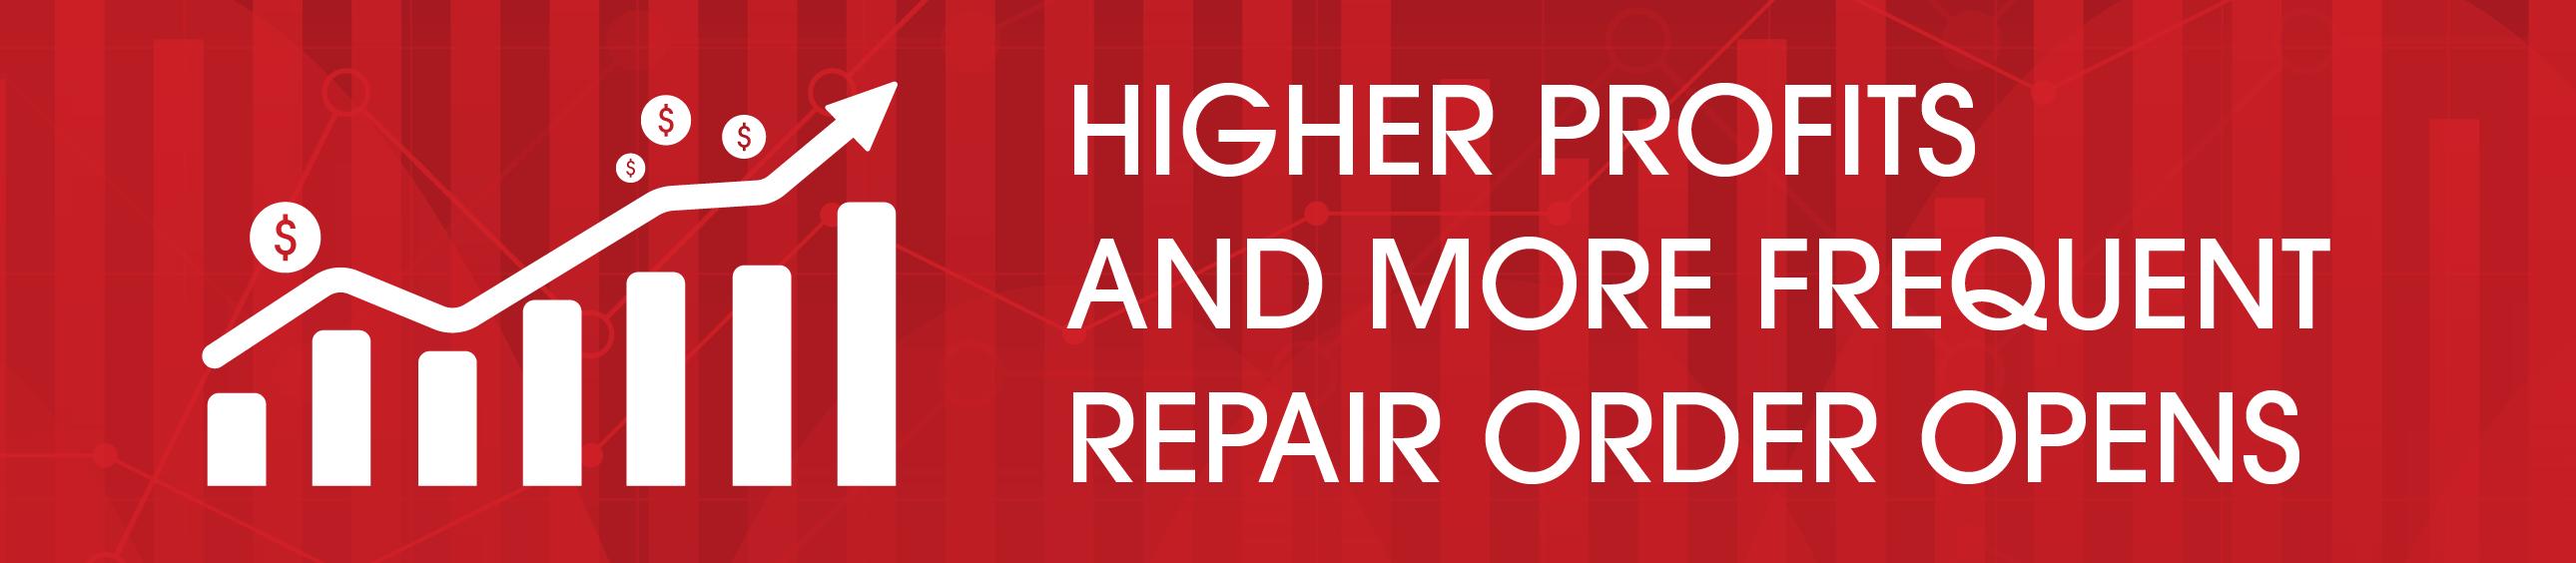 mayores ganancias se abren pedidos de reparación más frecuentes